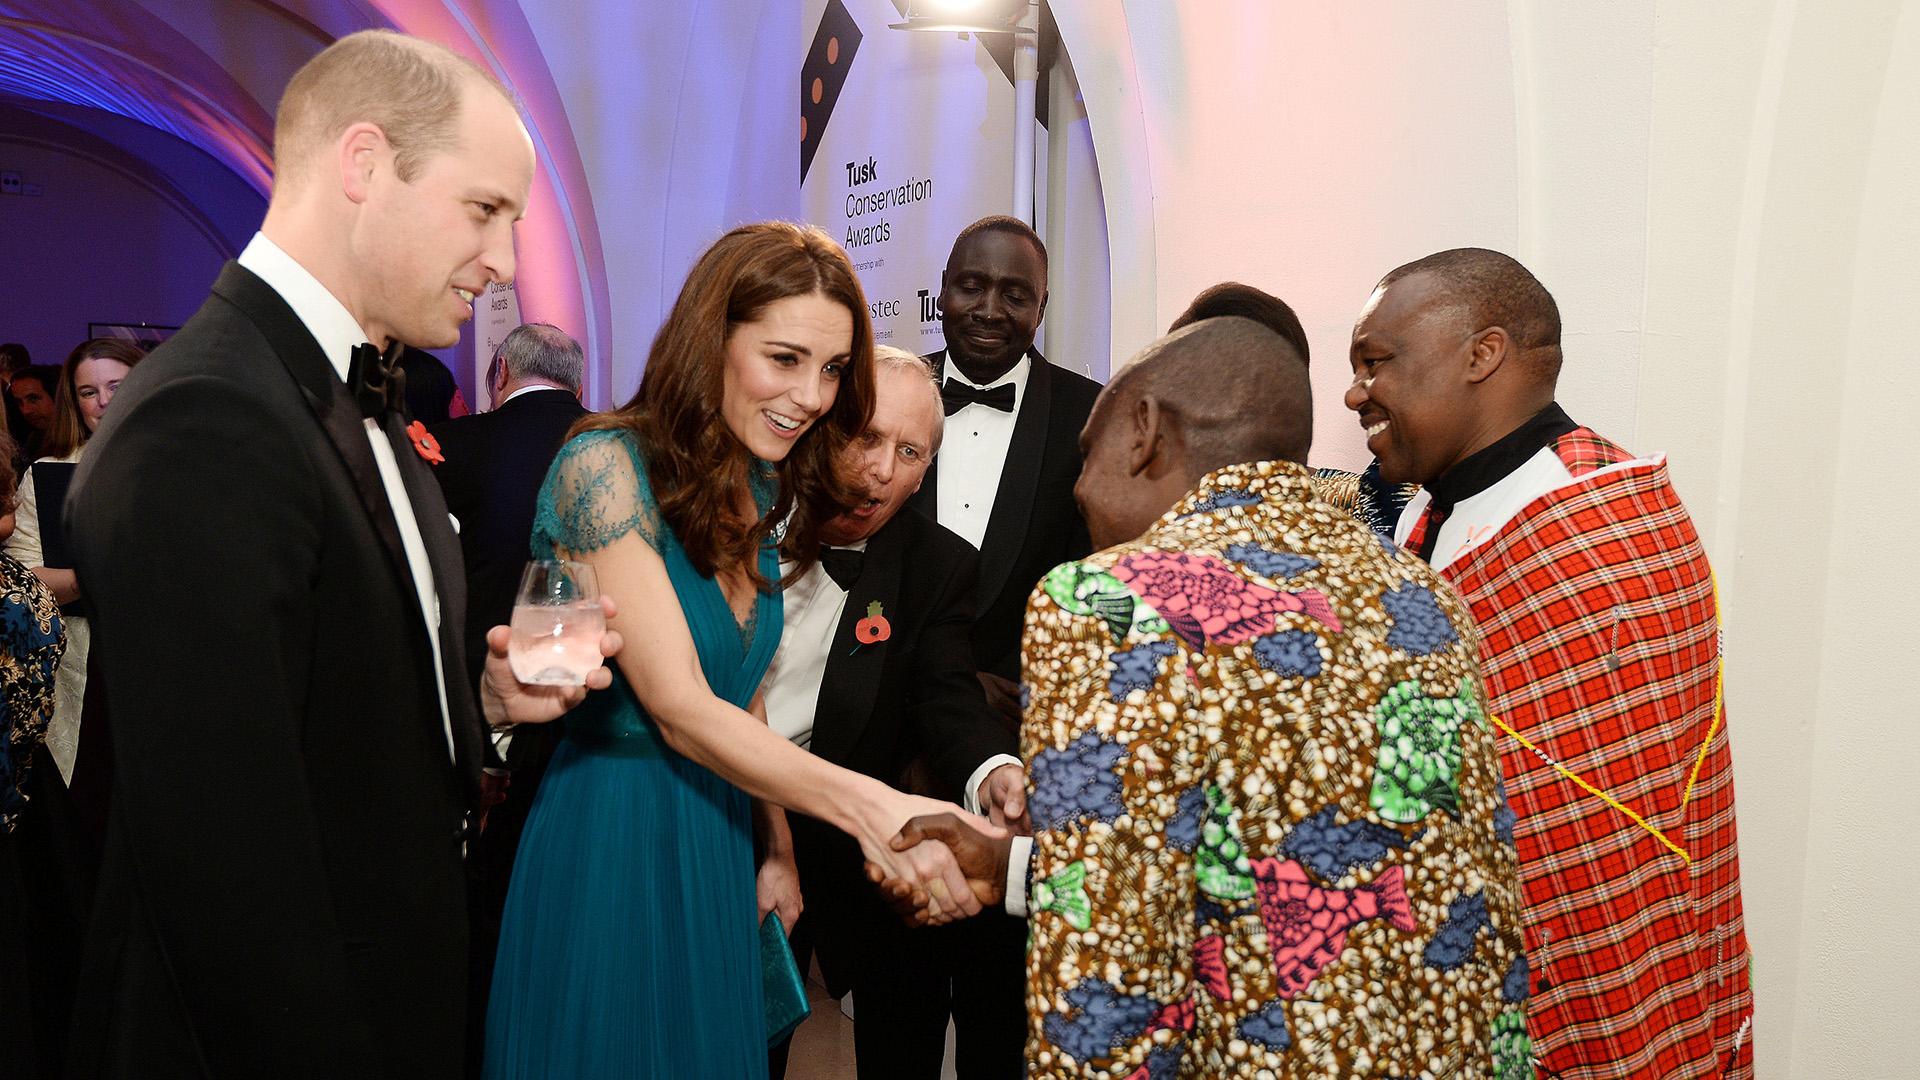 Catalina y Guillermo de Cambridge a su llegada a la entrada de los premios Tusk Conservation Awards, que se llevó a cabo en Londres